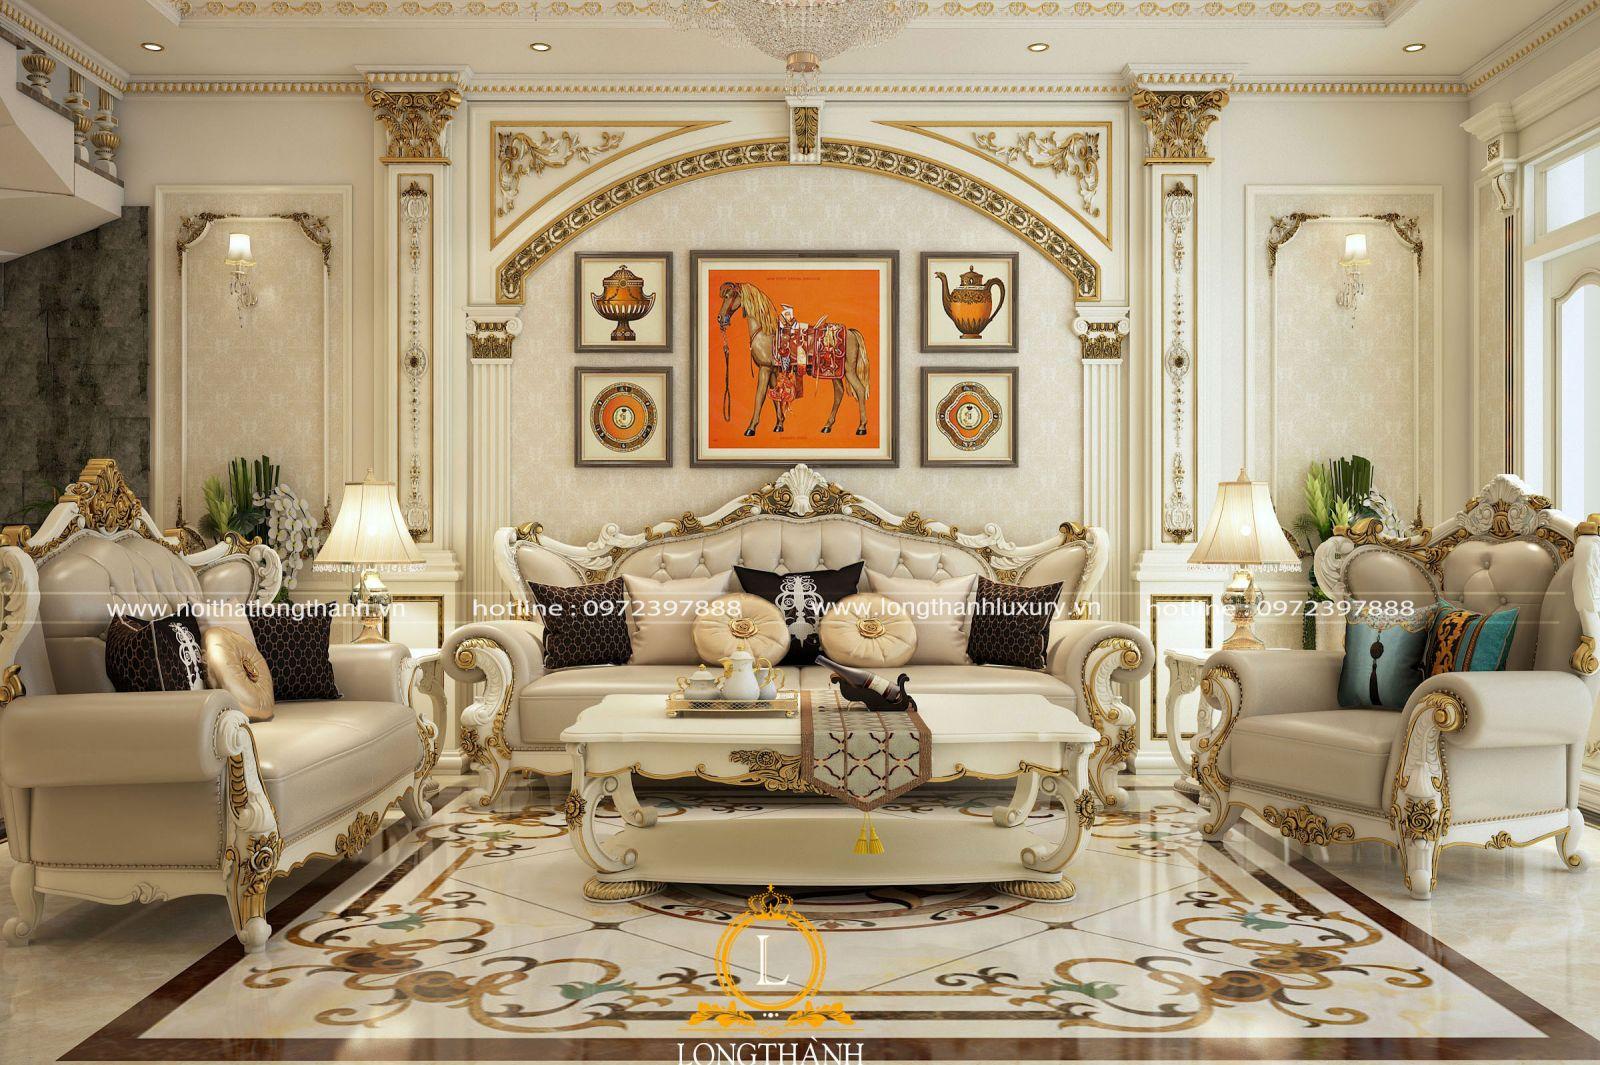 Phòng khách sơn trắng tân cổ điển dát vàng